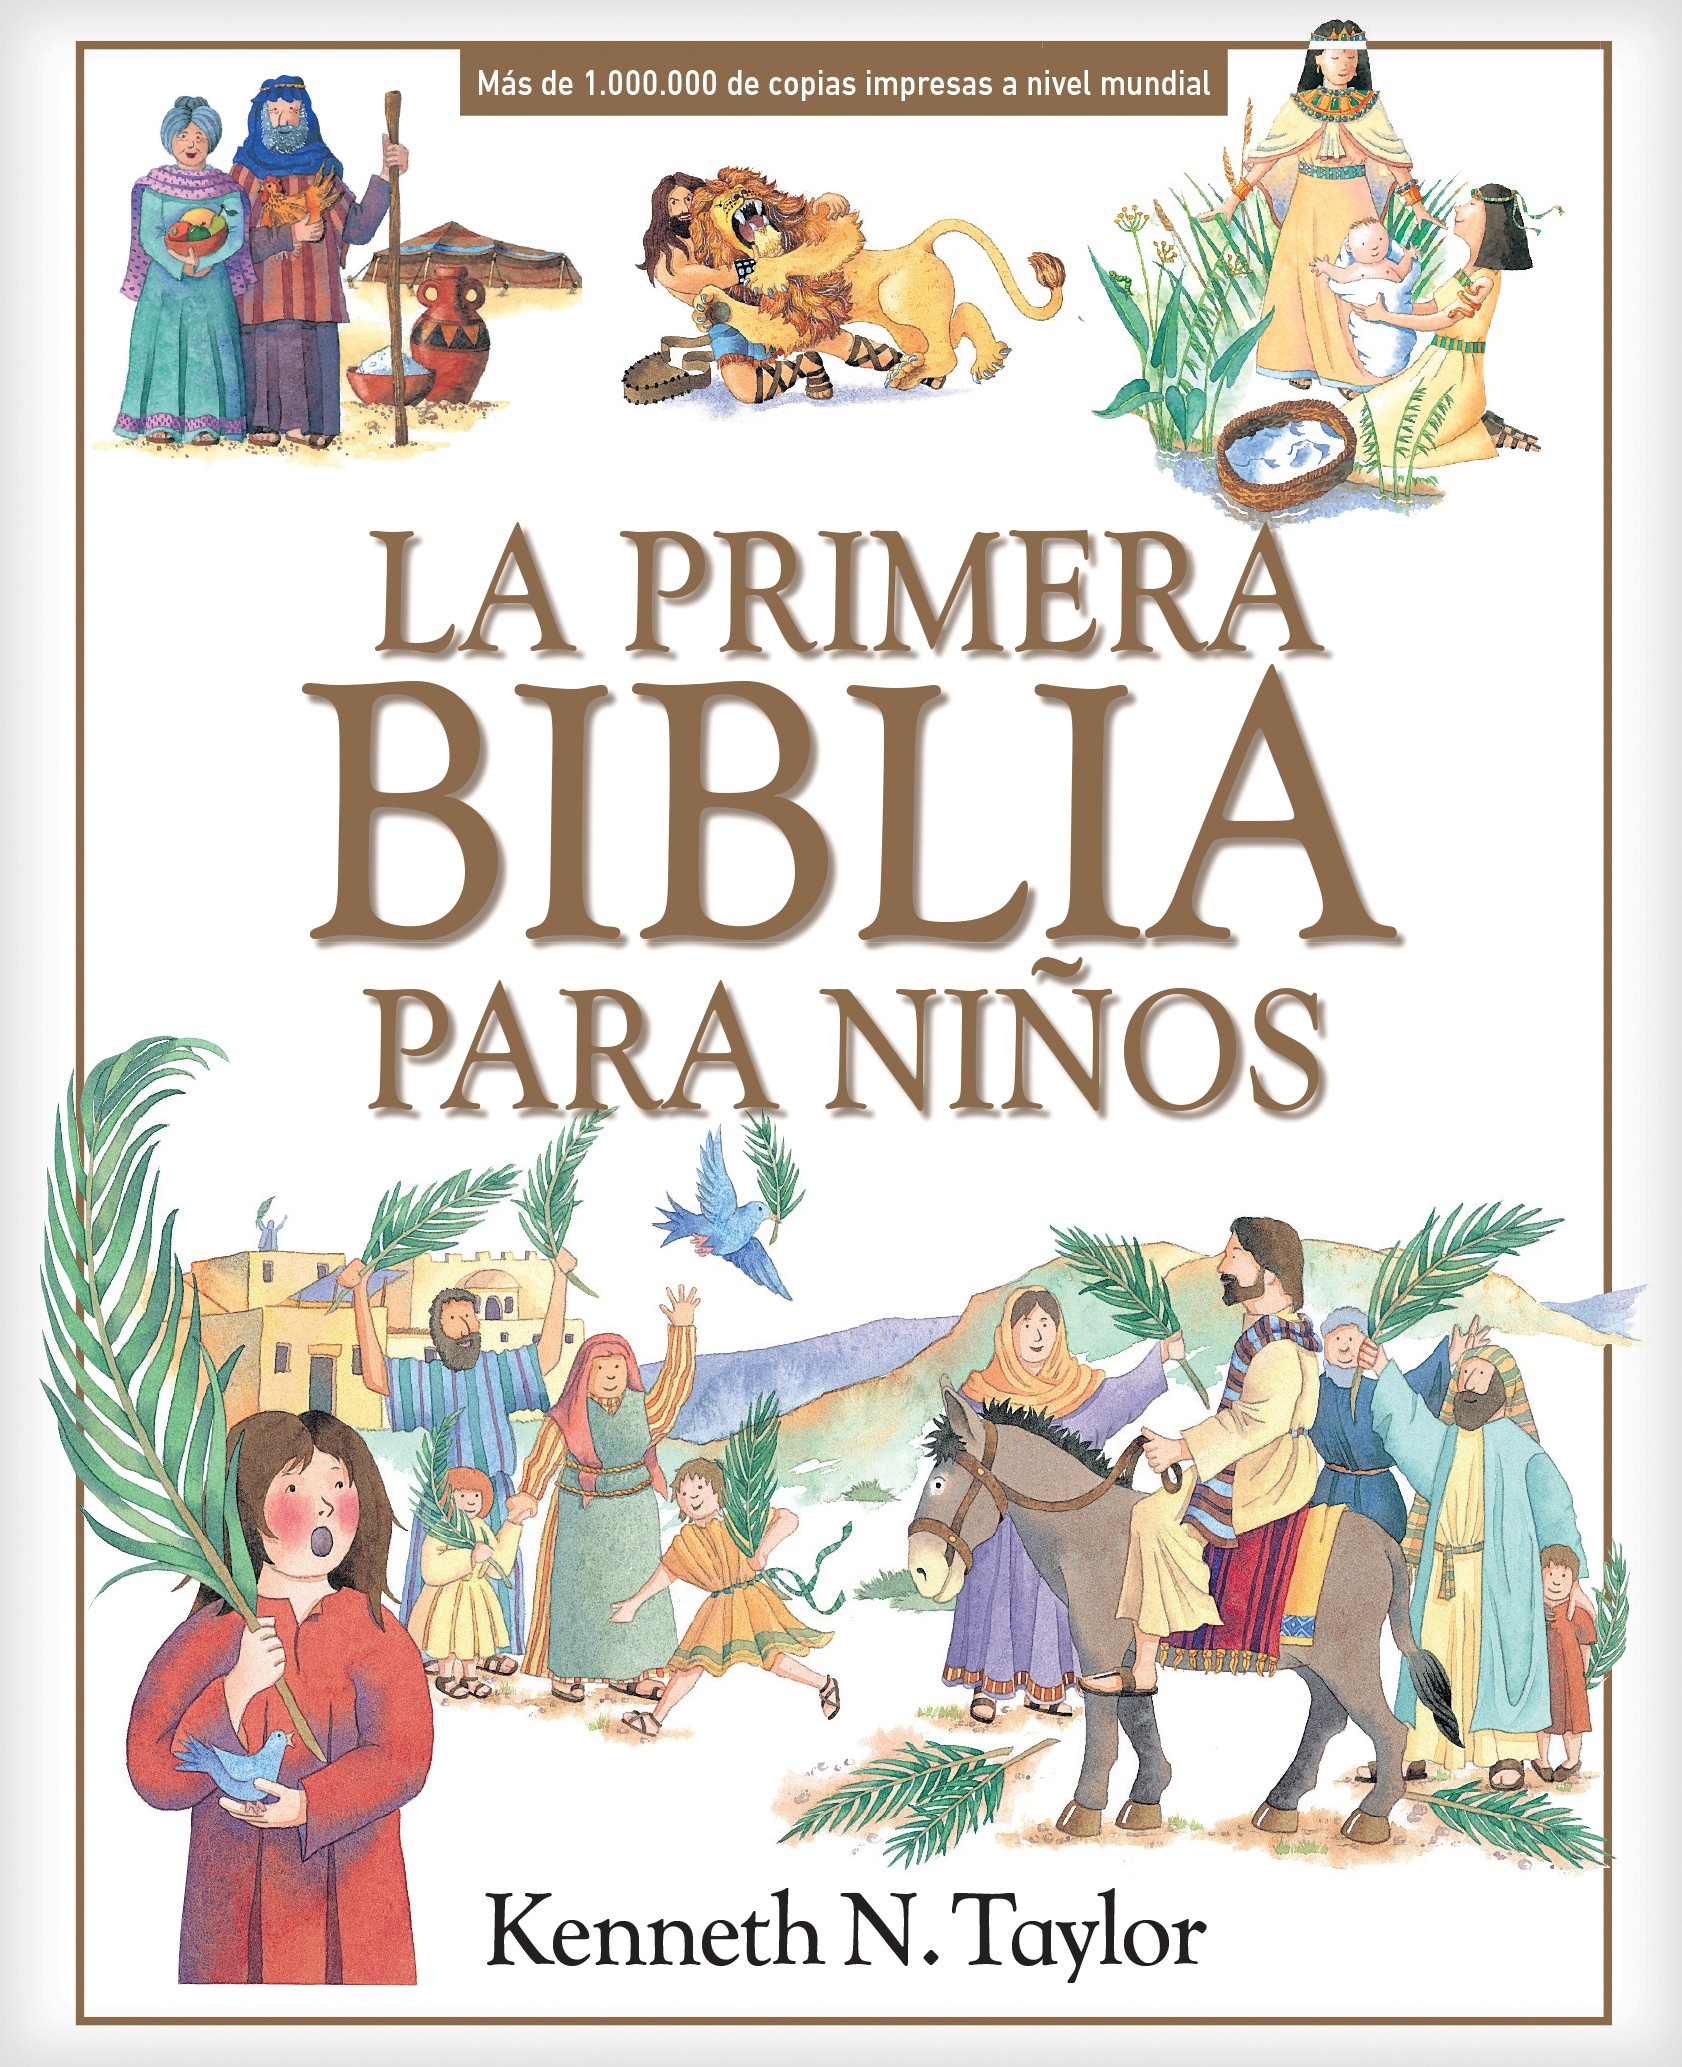 A La primera Biblia para niños